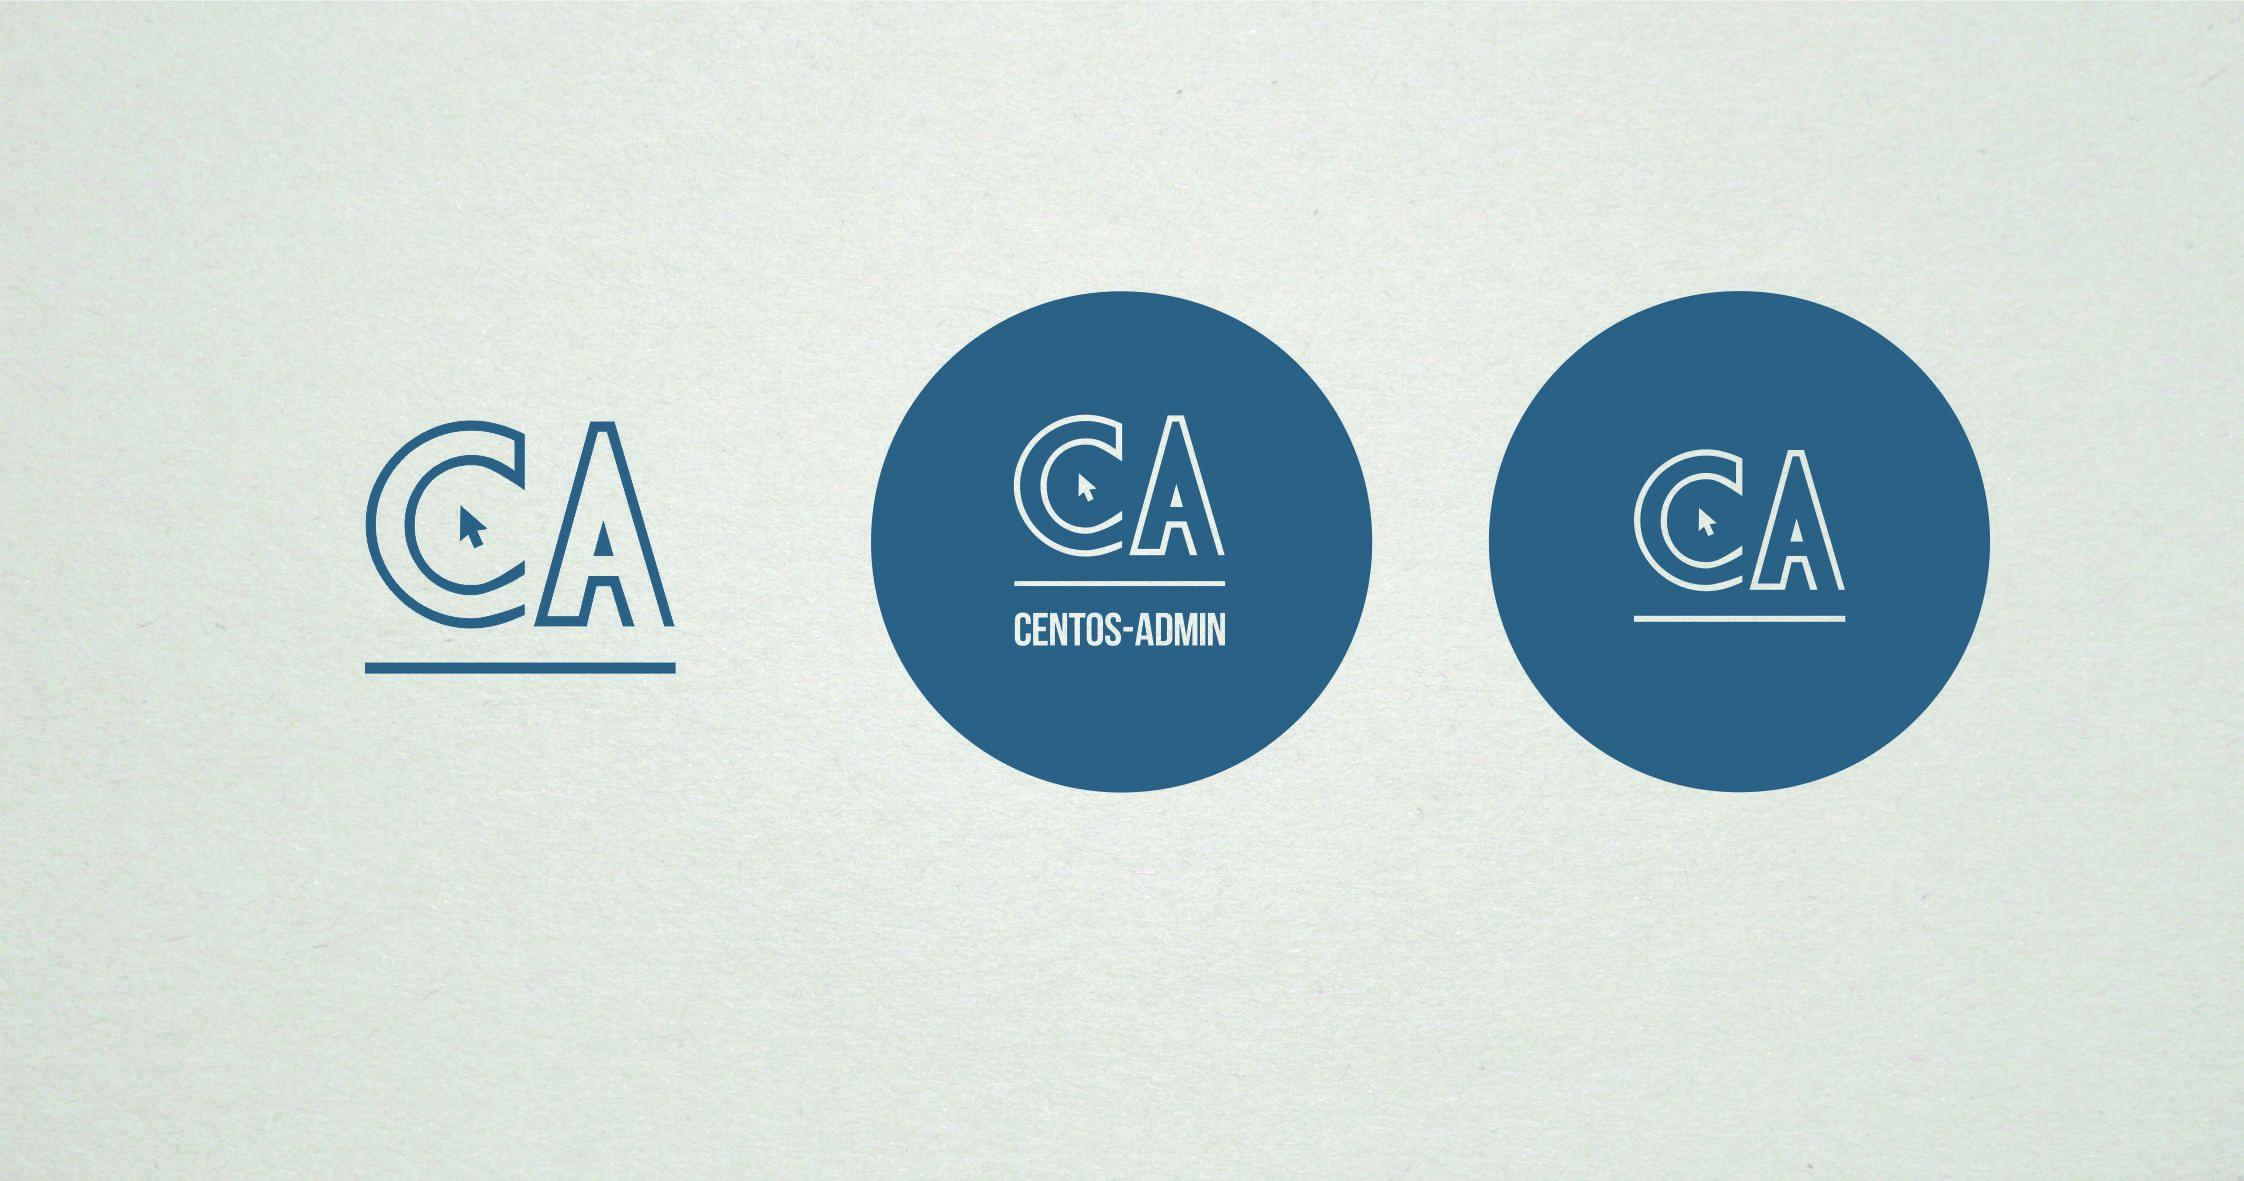 Логотип для компании Centos-admin.ru - дизайнер Ewgene